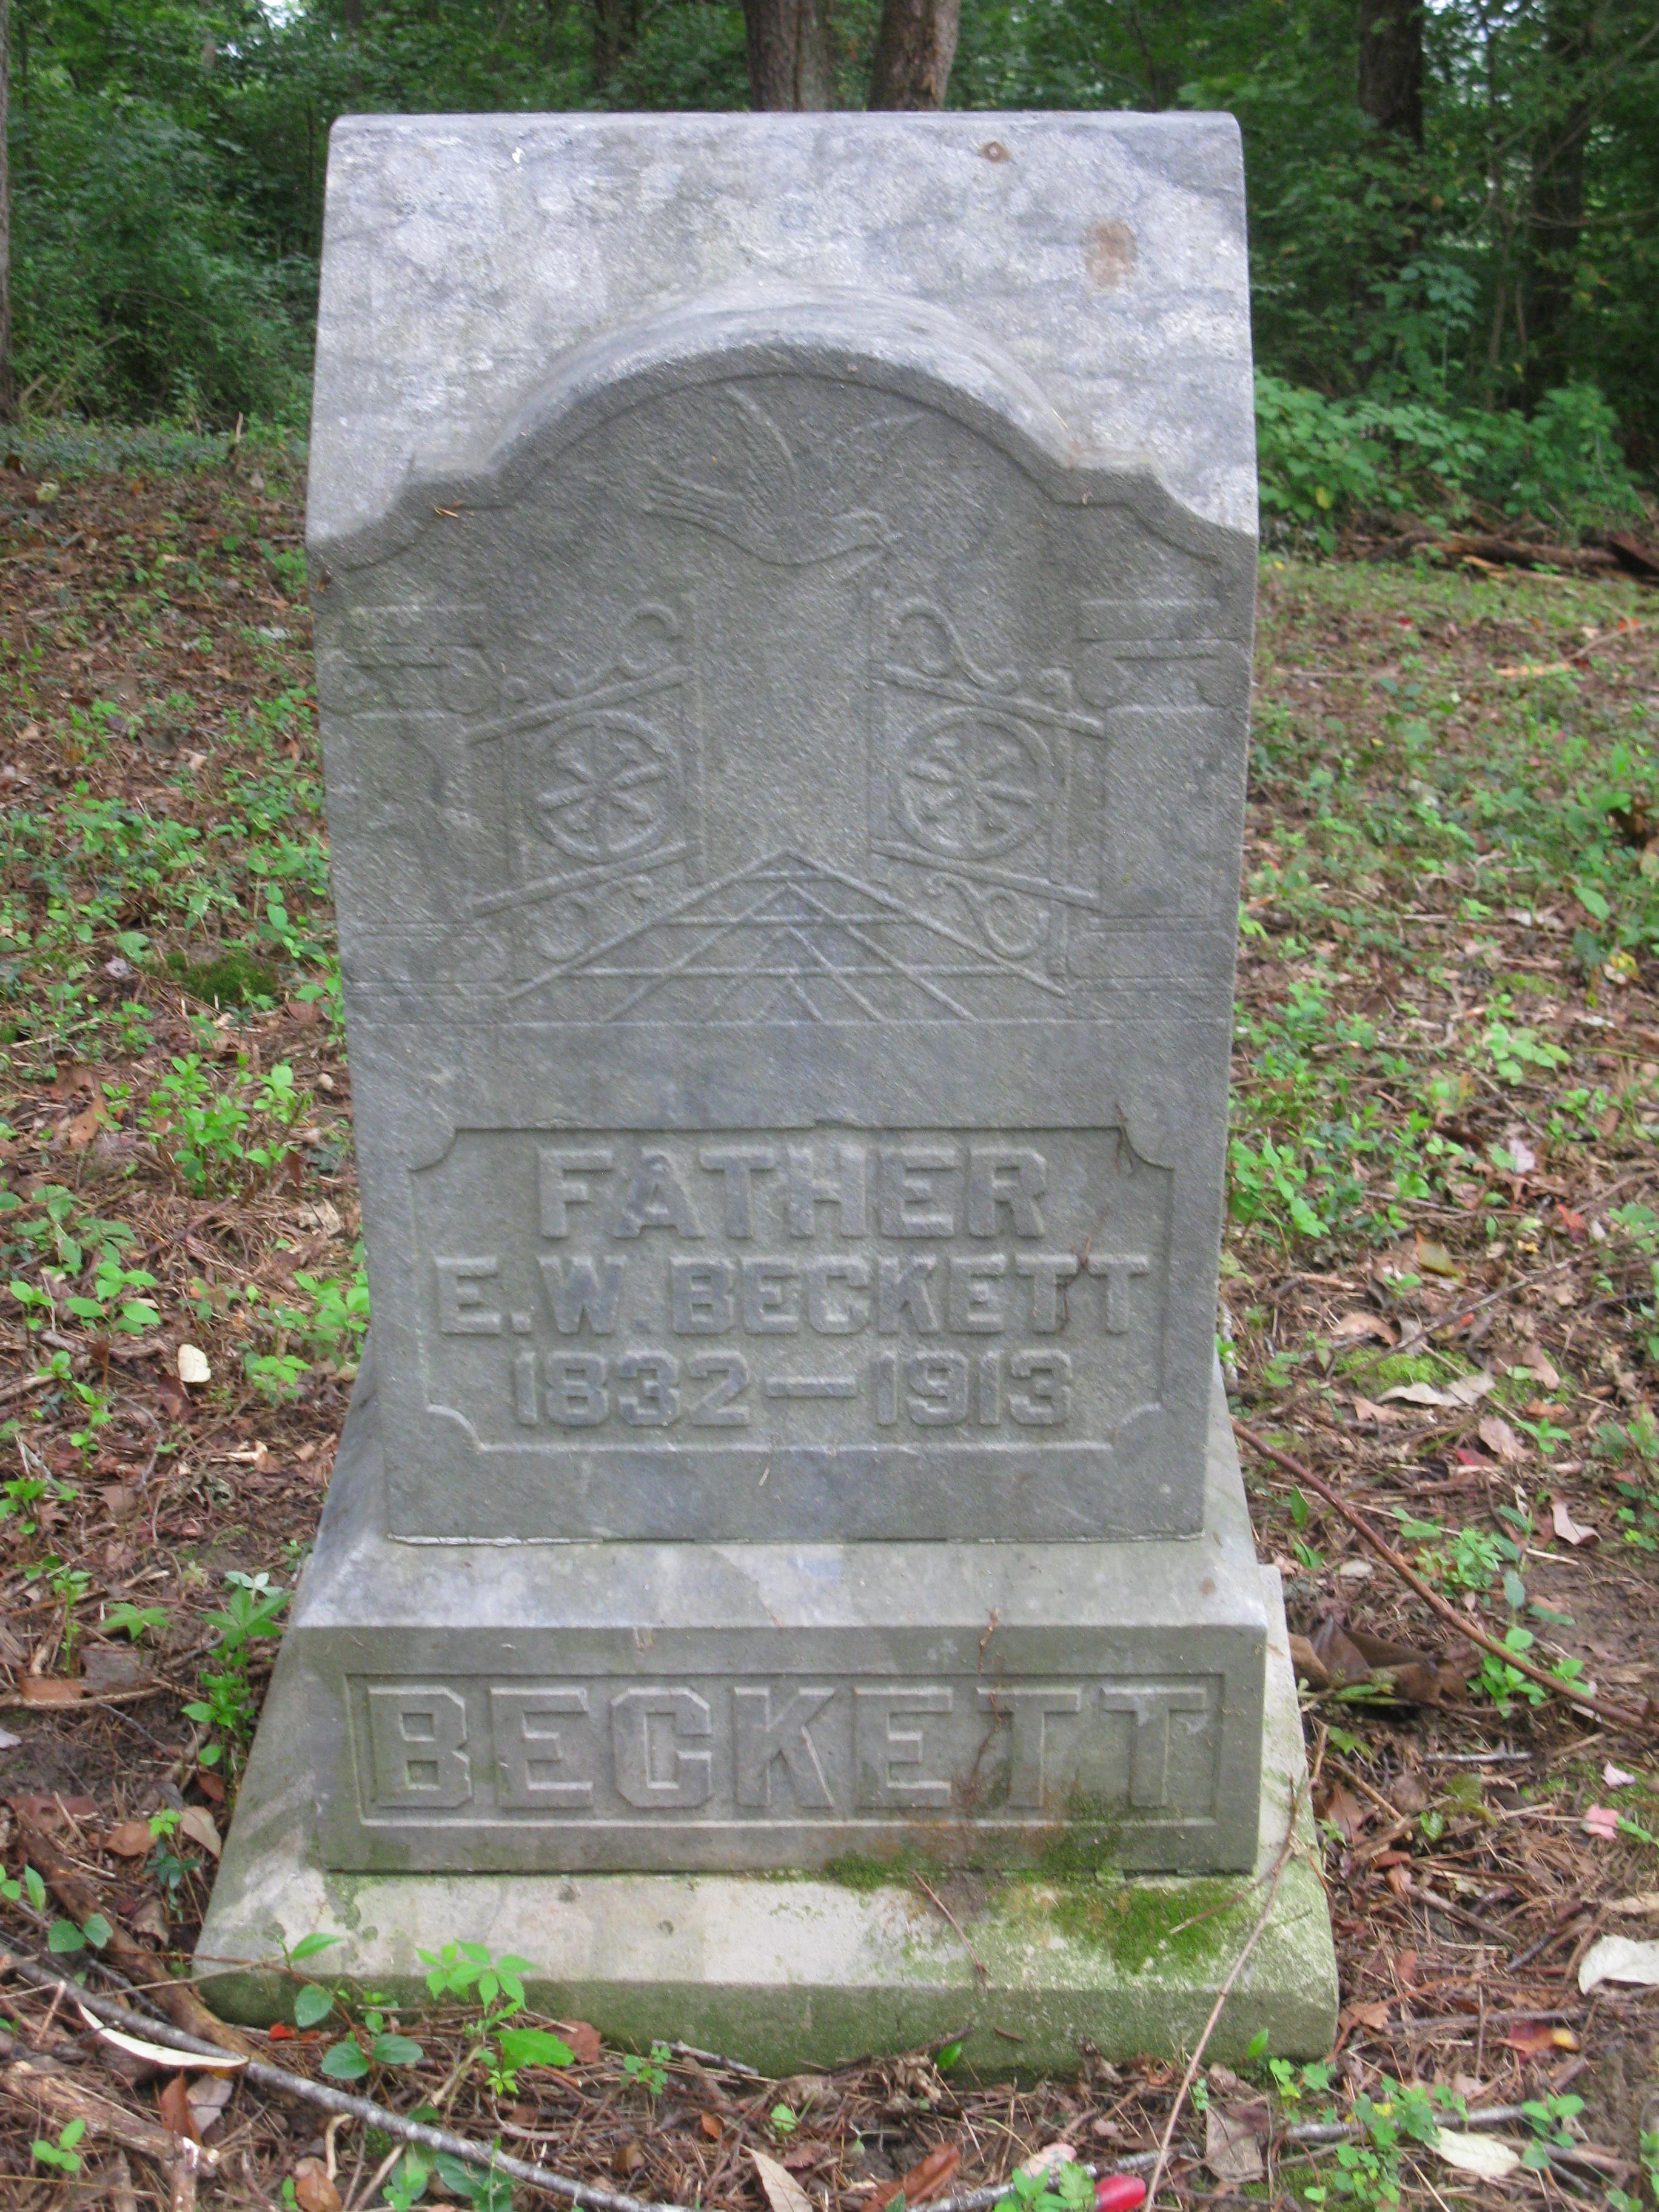 Emsley Wilson Emsie Beckett